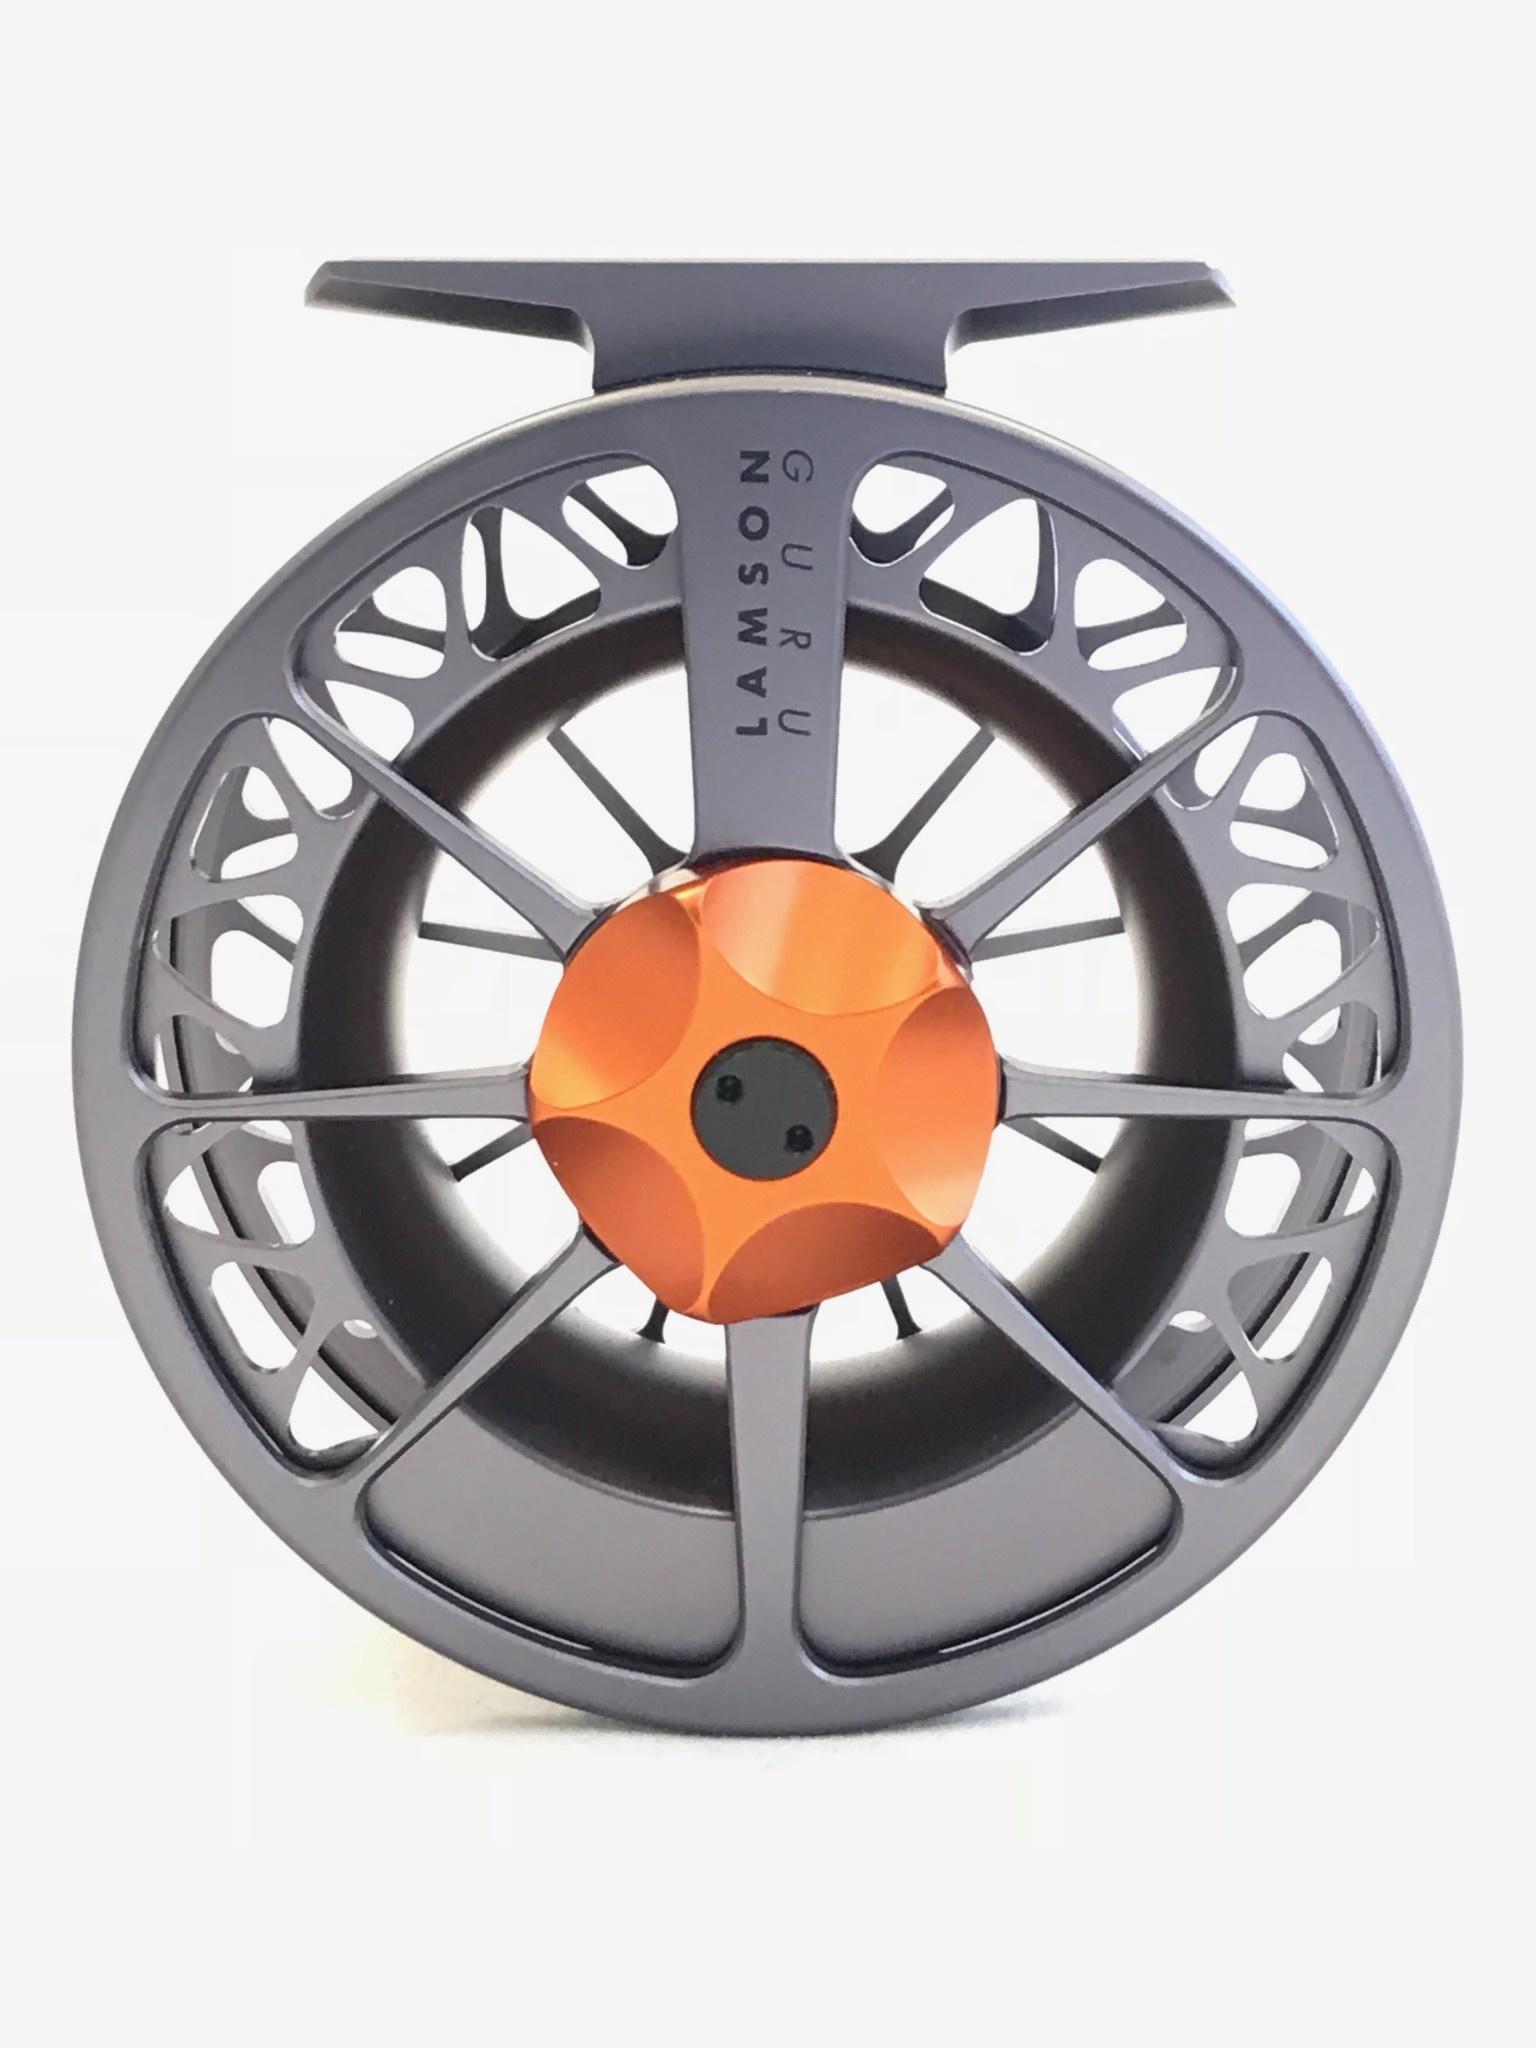 Waterworks Lamson Lamson Guru II Fly Reel